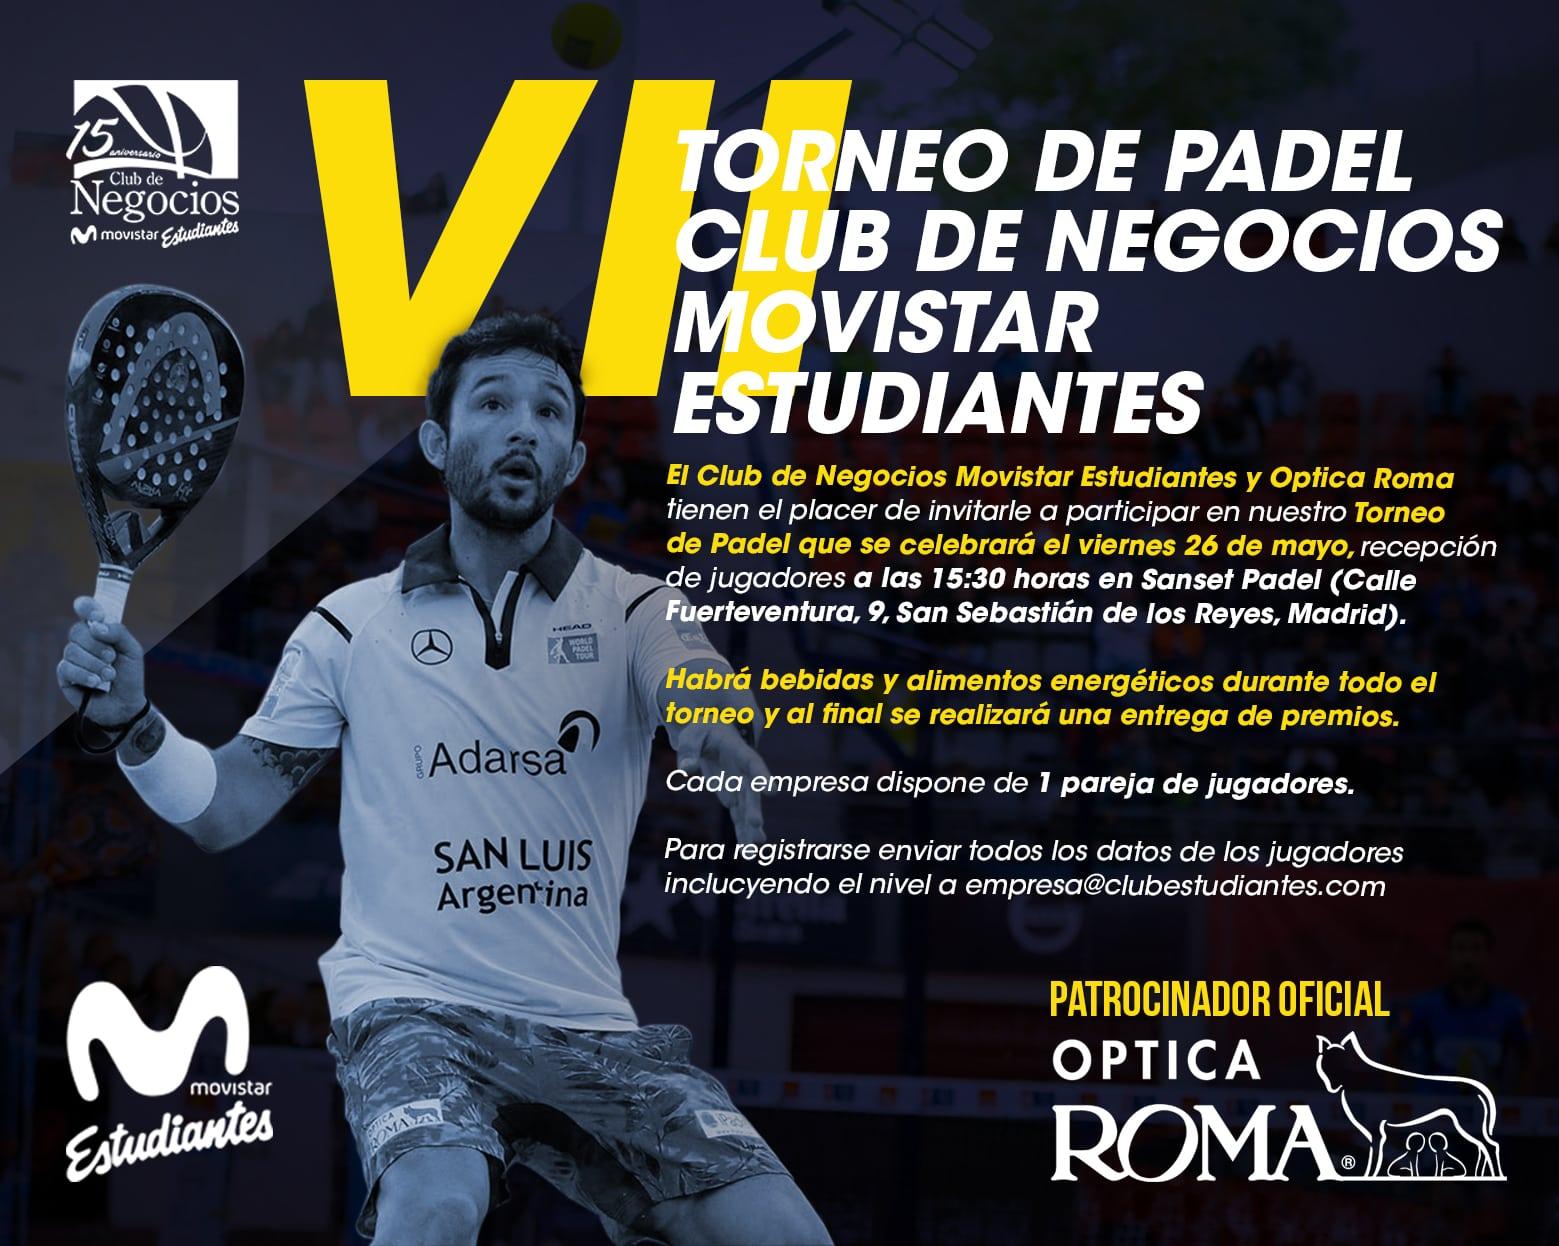 Celebrado el VII Torneo de Padel Club de Negocios Movistar Estudiantes, patrocinado por Óptica Roma